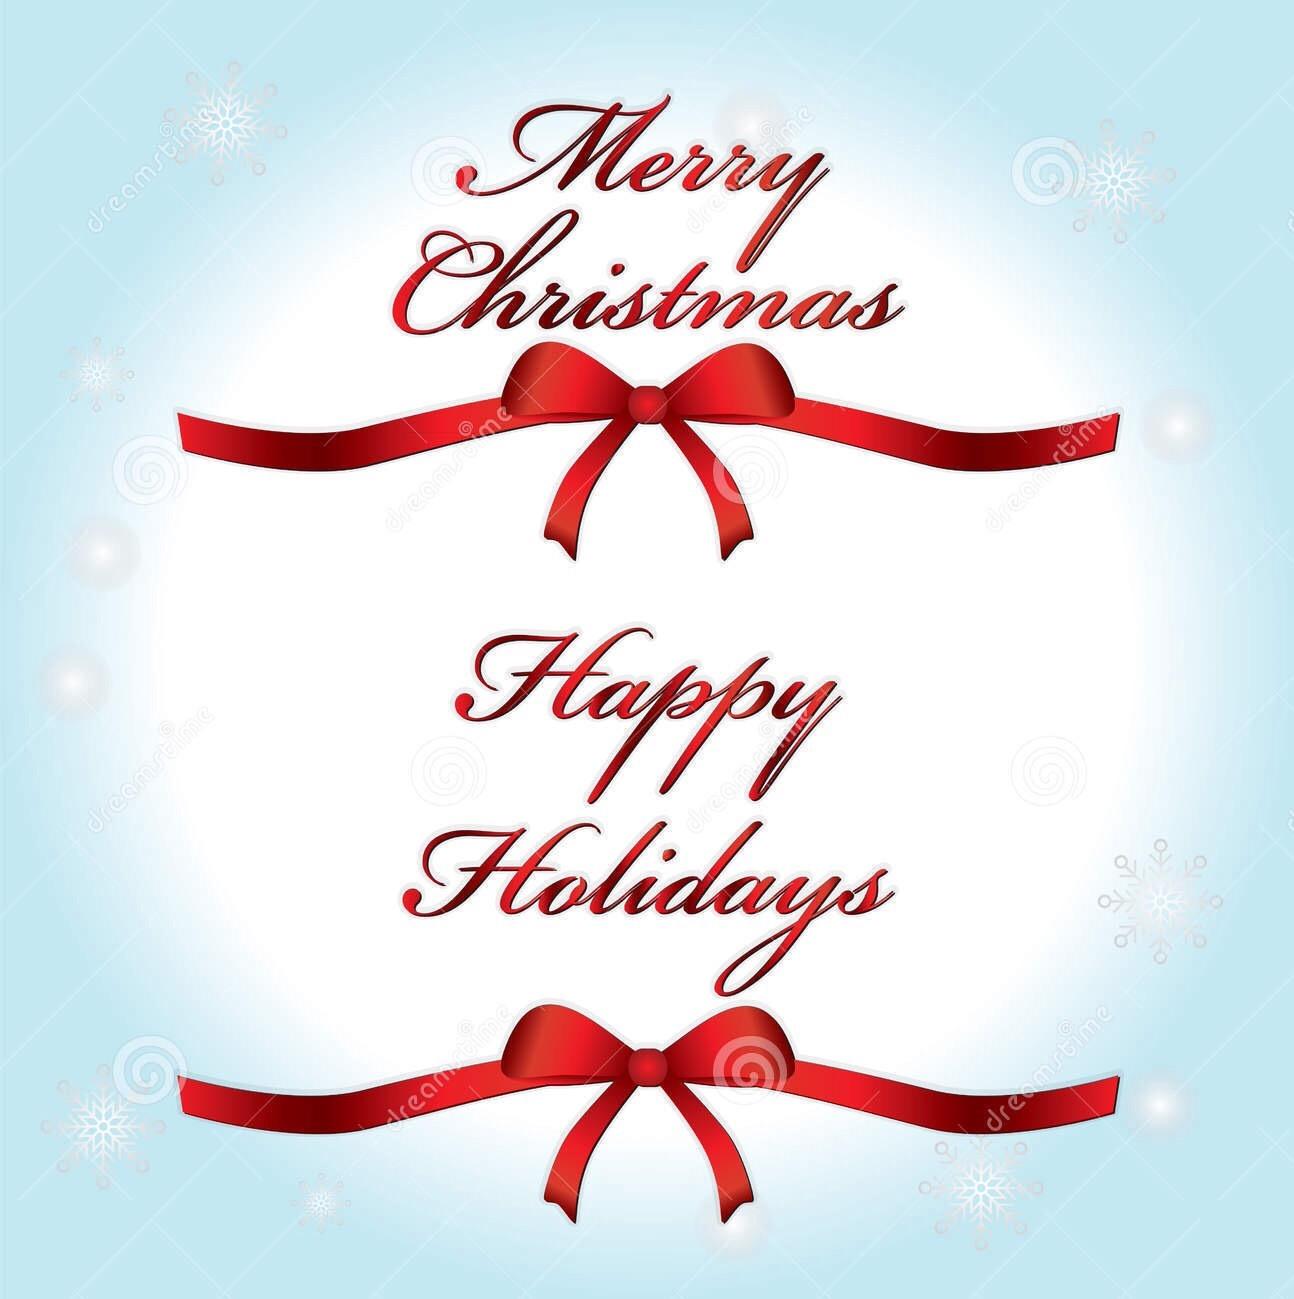 Merry Christmas Vs Happy Holidays Heyyou